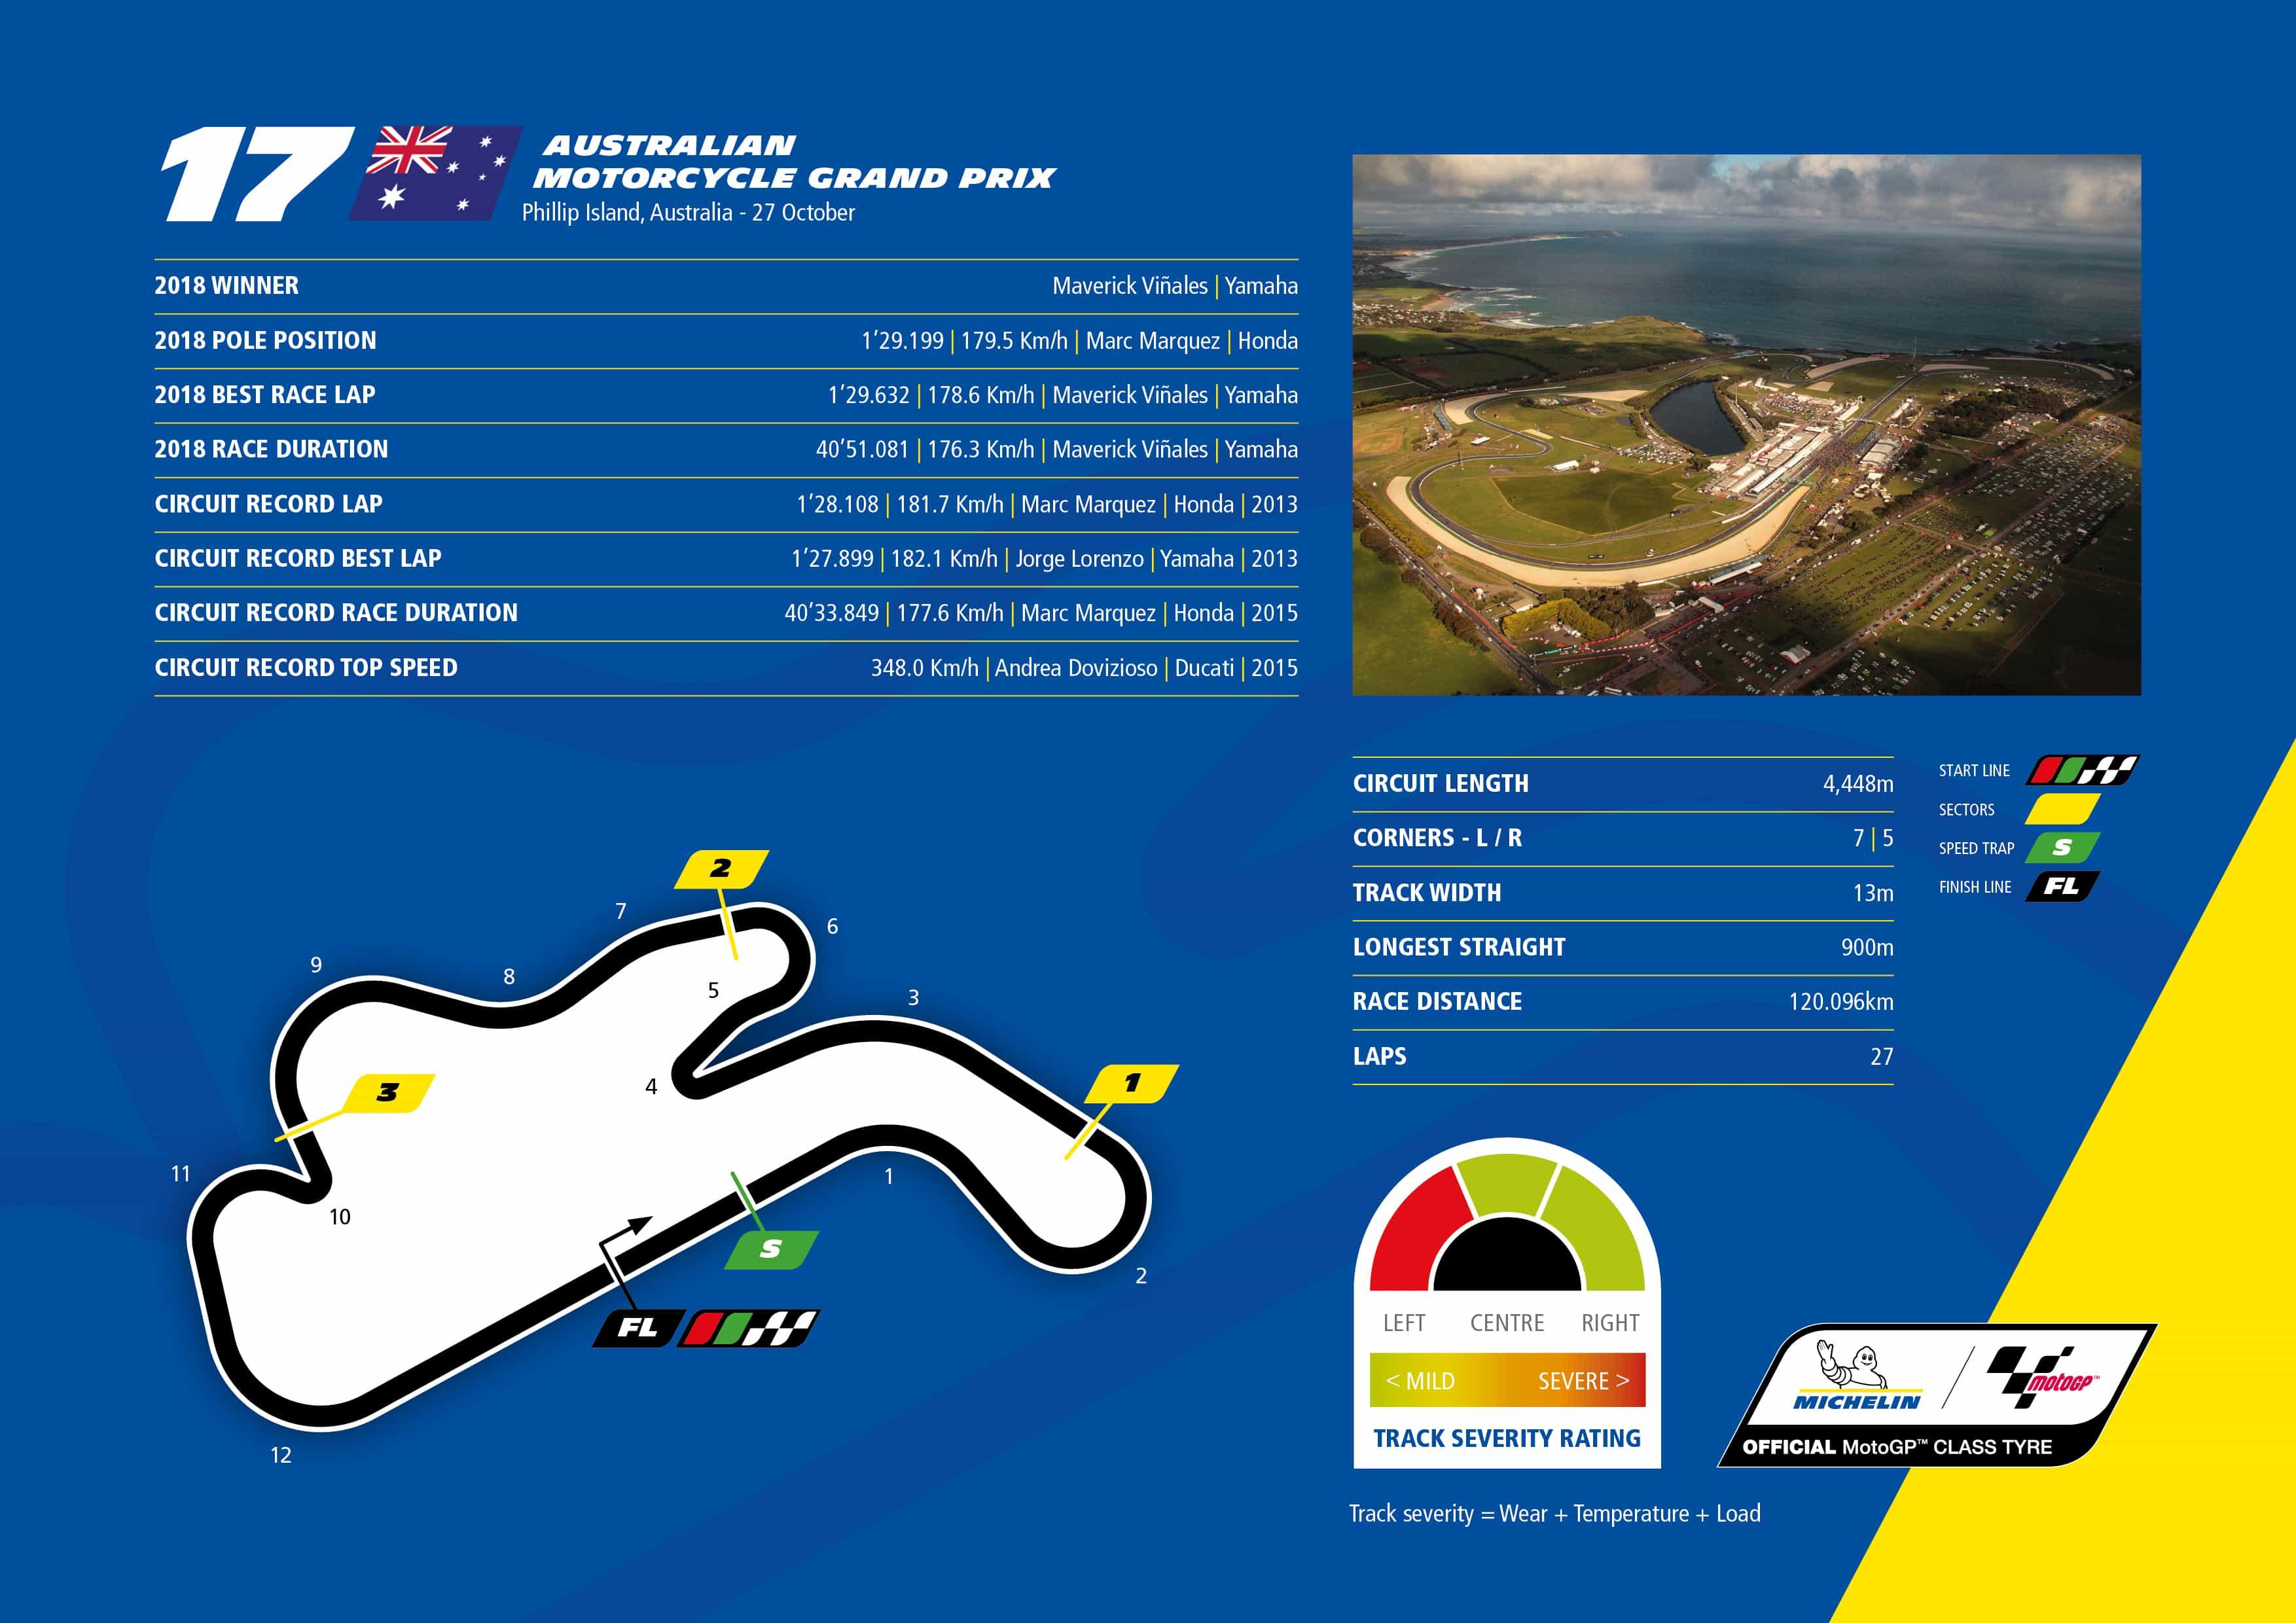 ミシュラン オーストラリアにおいてレースウィークとタイヤテストを初めて併催